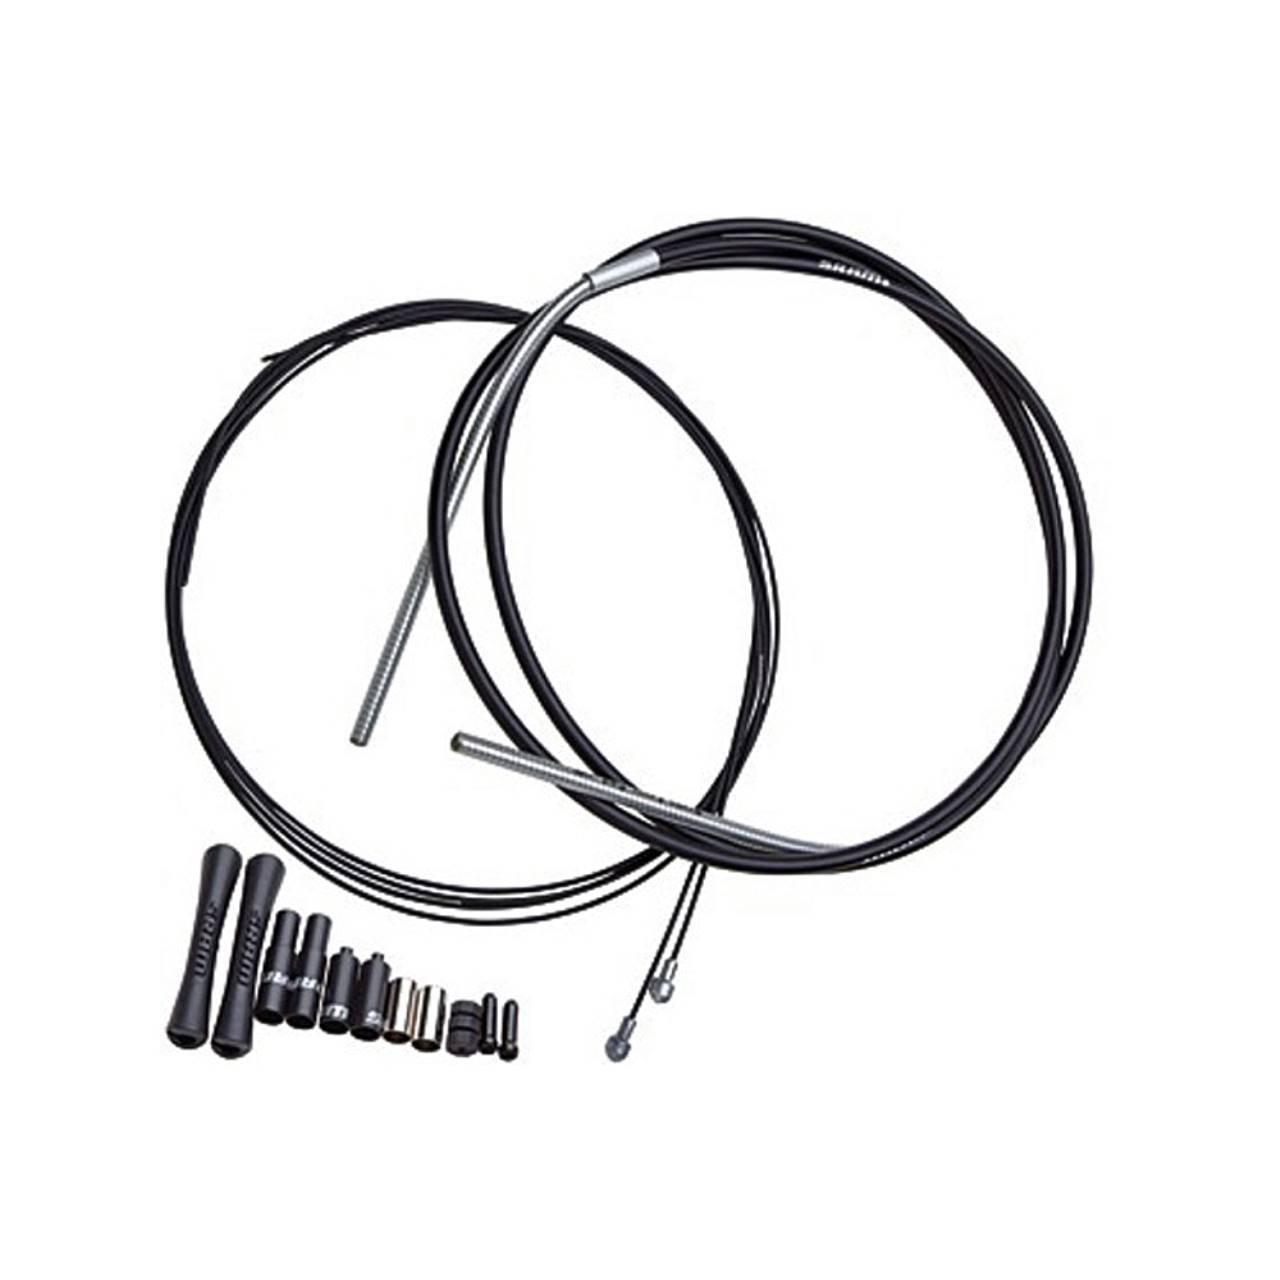 Комплект рубашек и тросиков тормозной  SRAM SlickWire Road Brake Cable Kit, 5 мм, черный